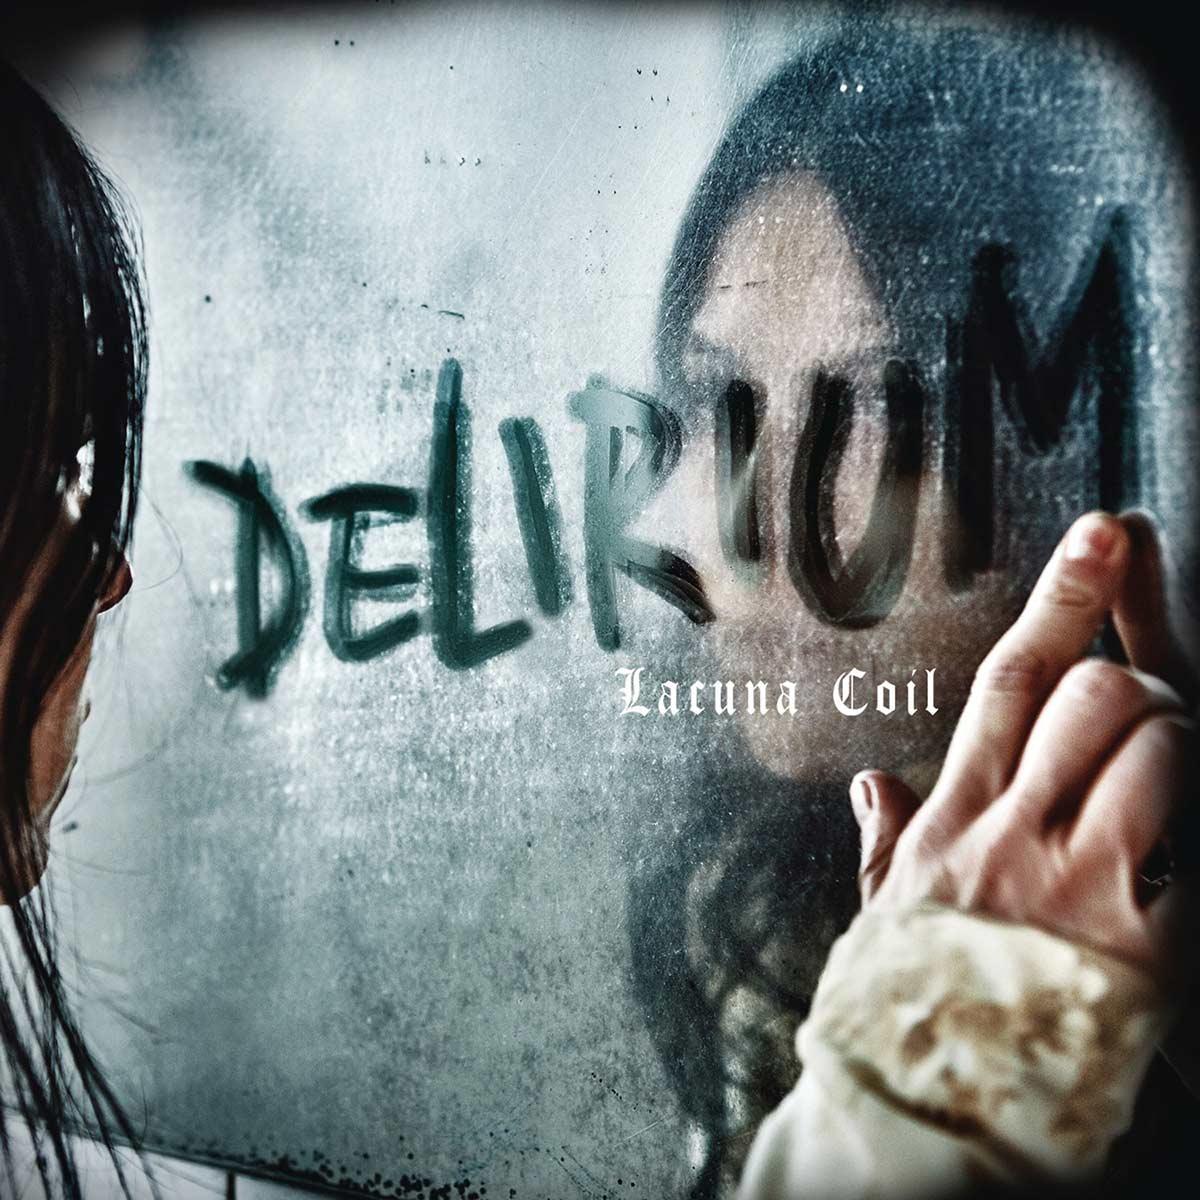 Lacuna Coil: Delirium (2016) Book Cover